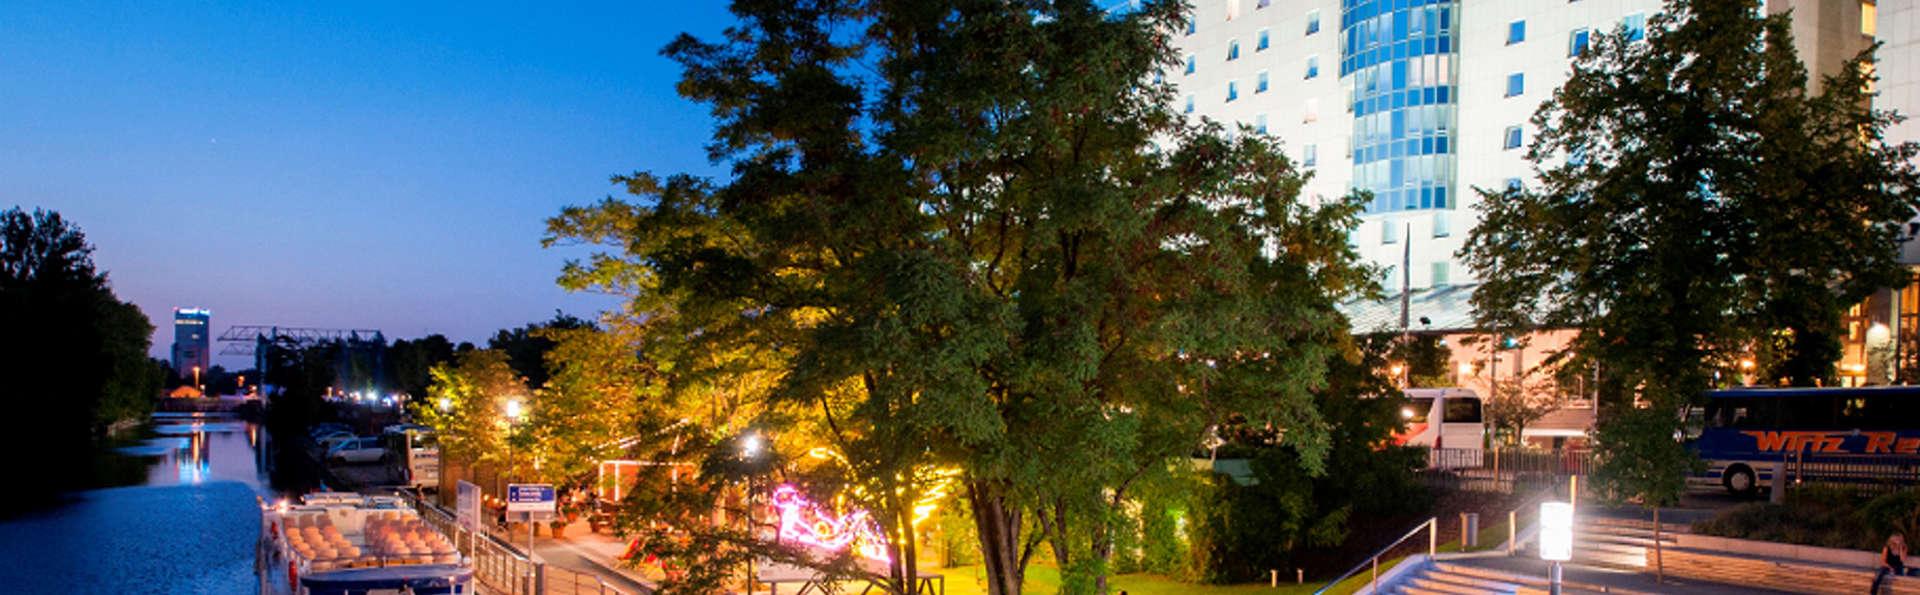 Estrel Hotel Berlin - Edit_Front5.jpg